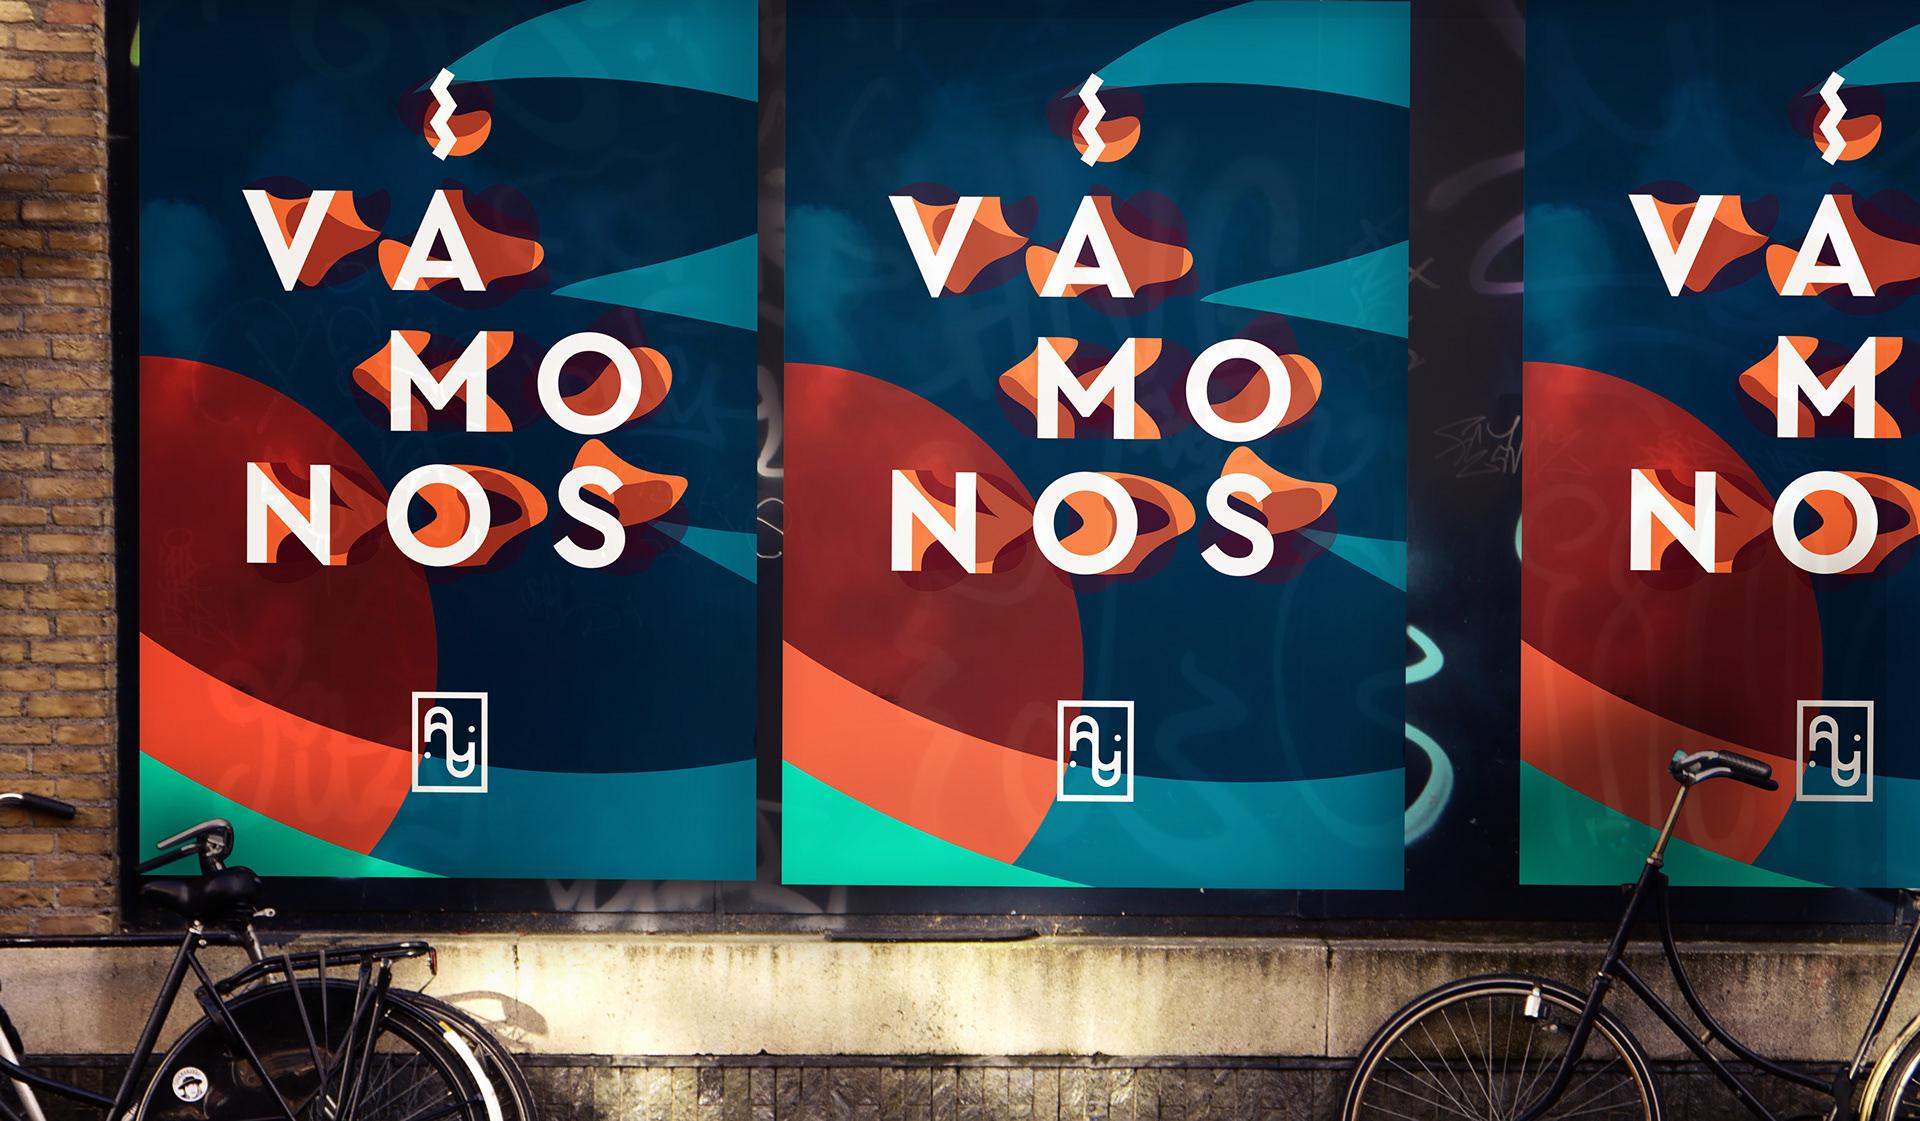 Ignacio-Arocena-vamonos-3